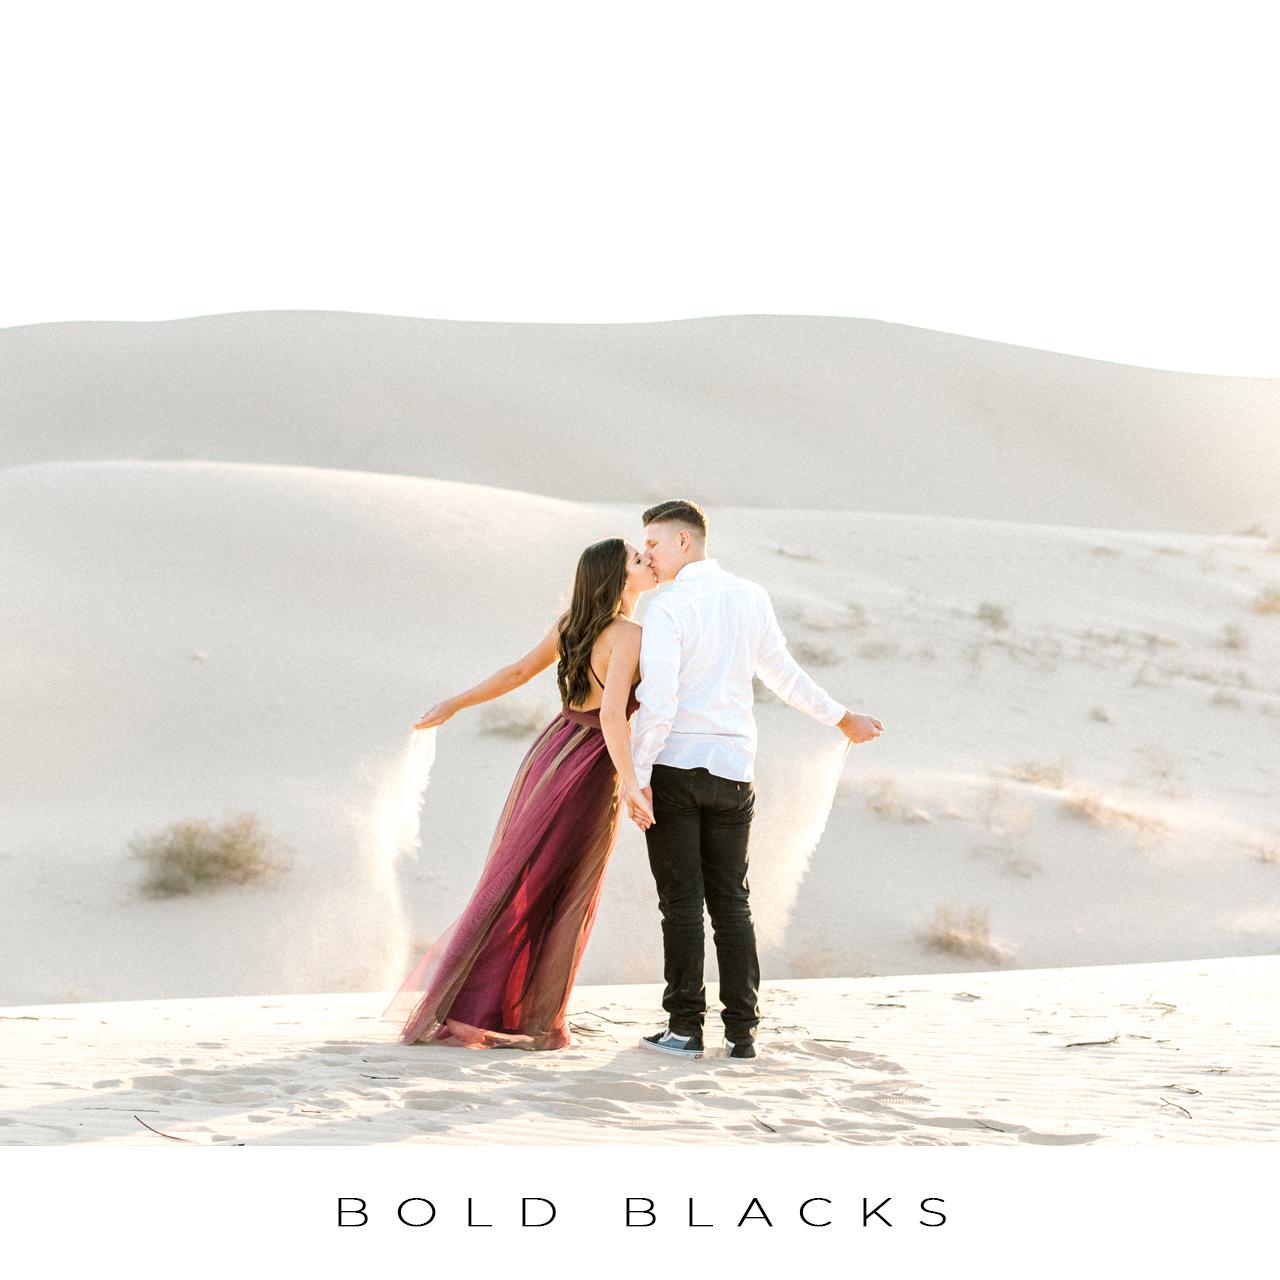 Bold-Blacks.jpg